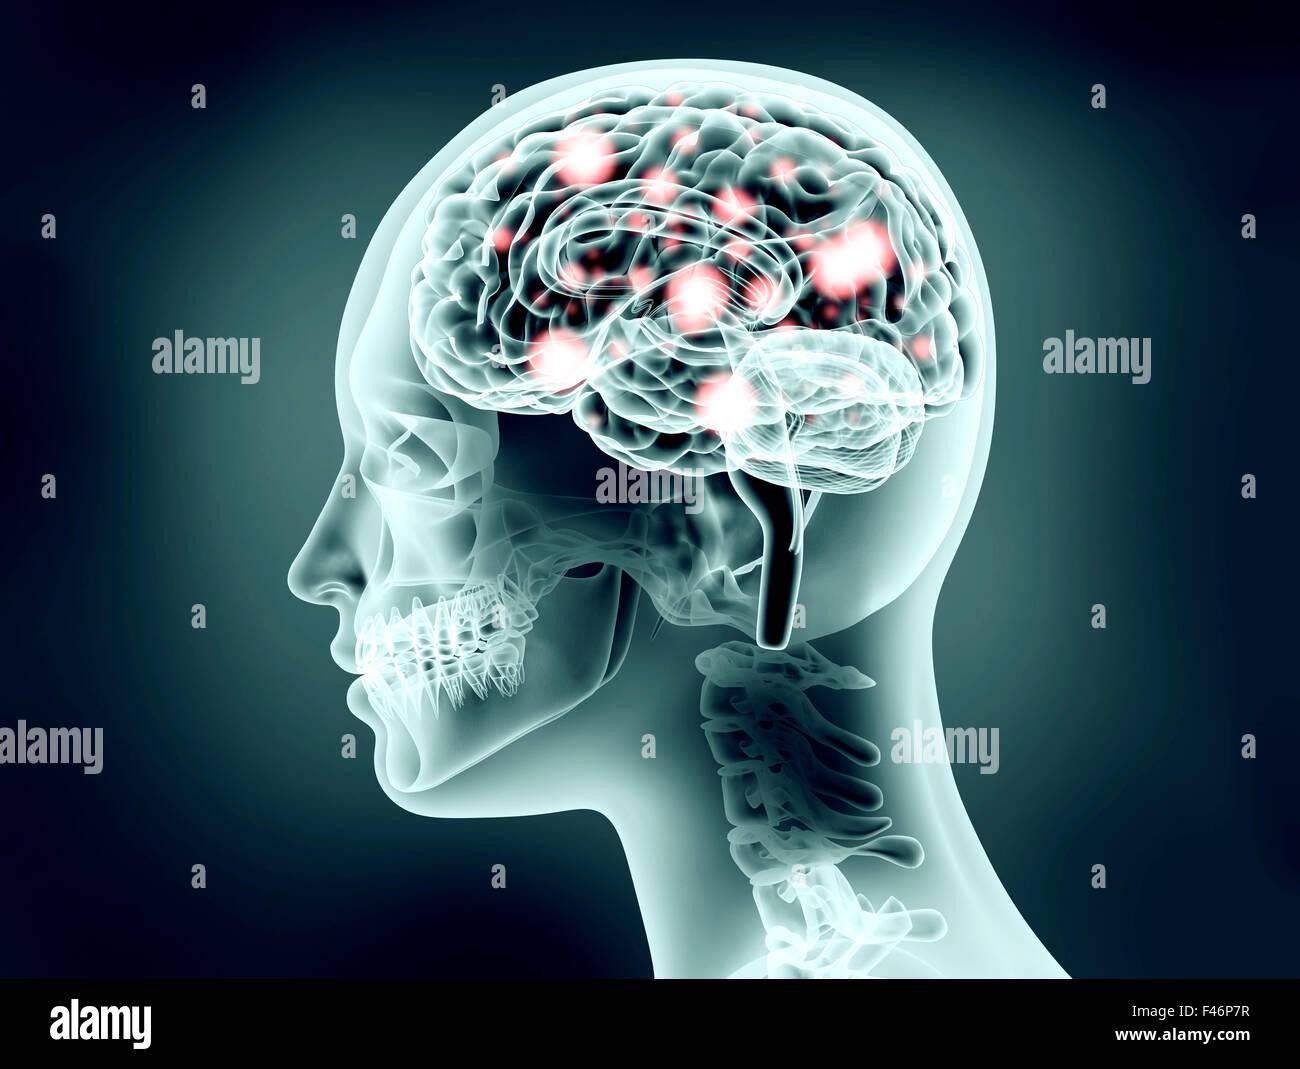 La imagen de rayos x de la cabeza humana con el cerebro y pulsos eléctricos Imagen De Stock